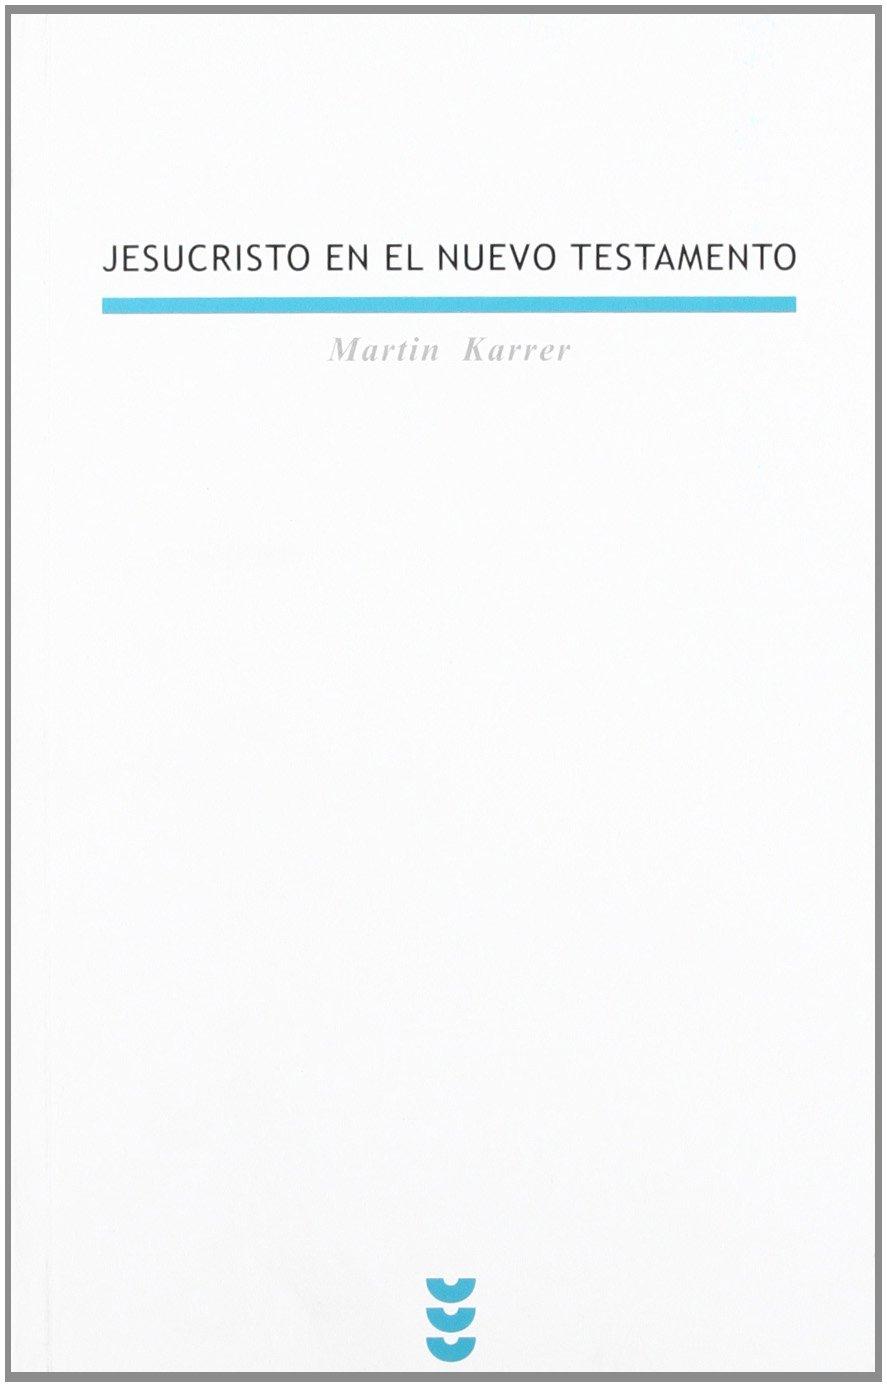 Jesucristo en el Nuevo Testamento PDF